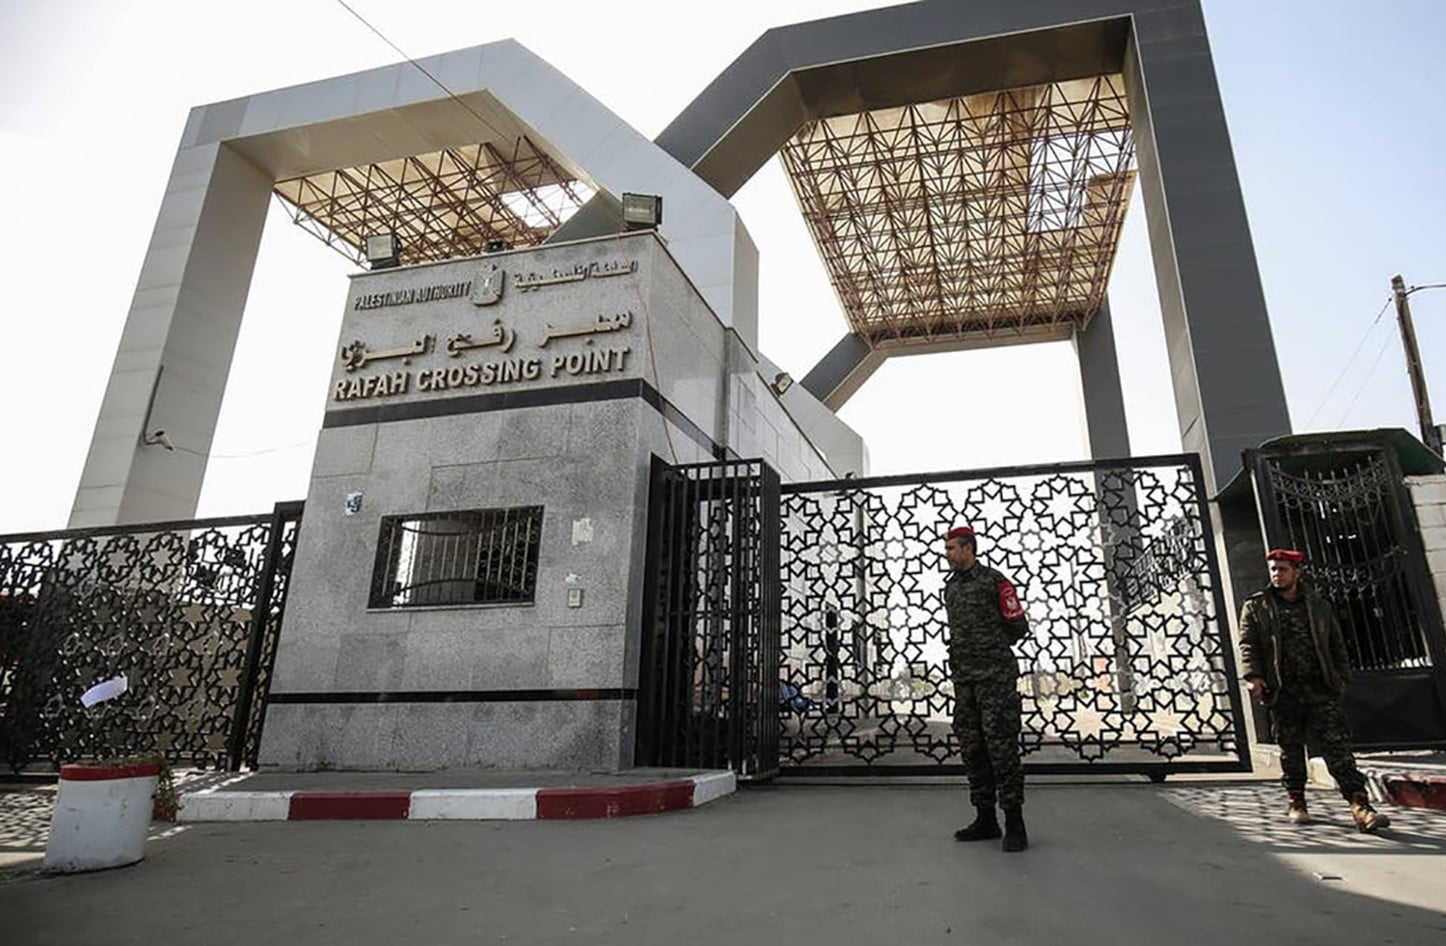 وزير إسرائيلي يشكر السيسي على إغلاق معبر رفح في وجه الفلسطينيين!